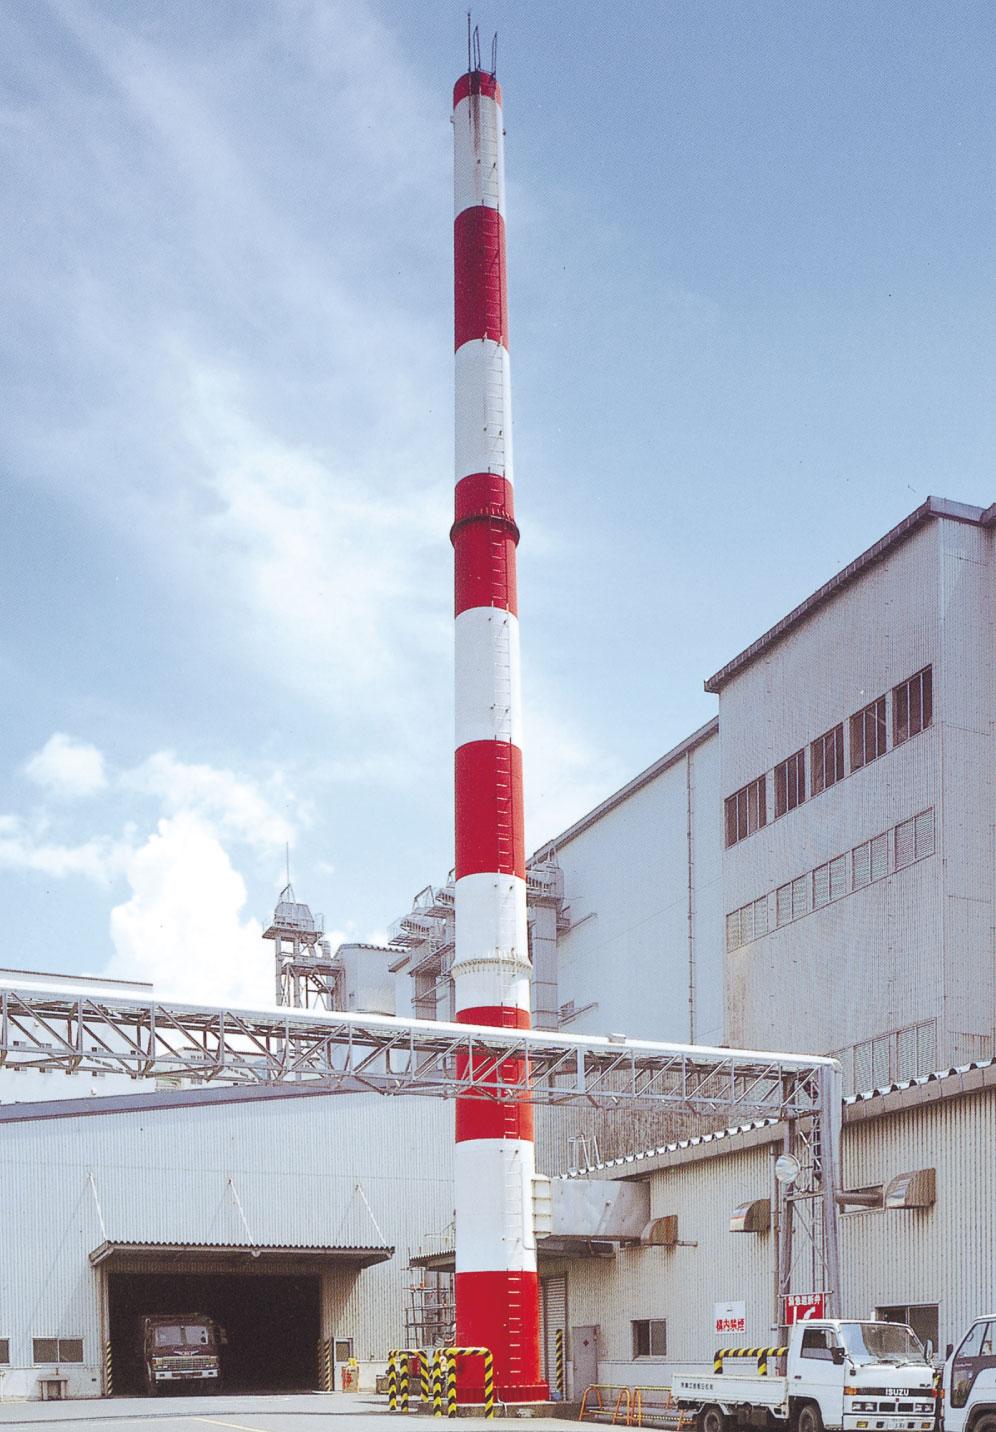 自立型煙突 高さ30m